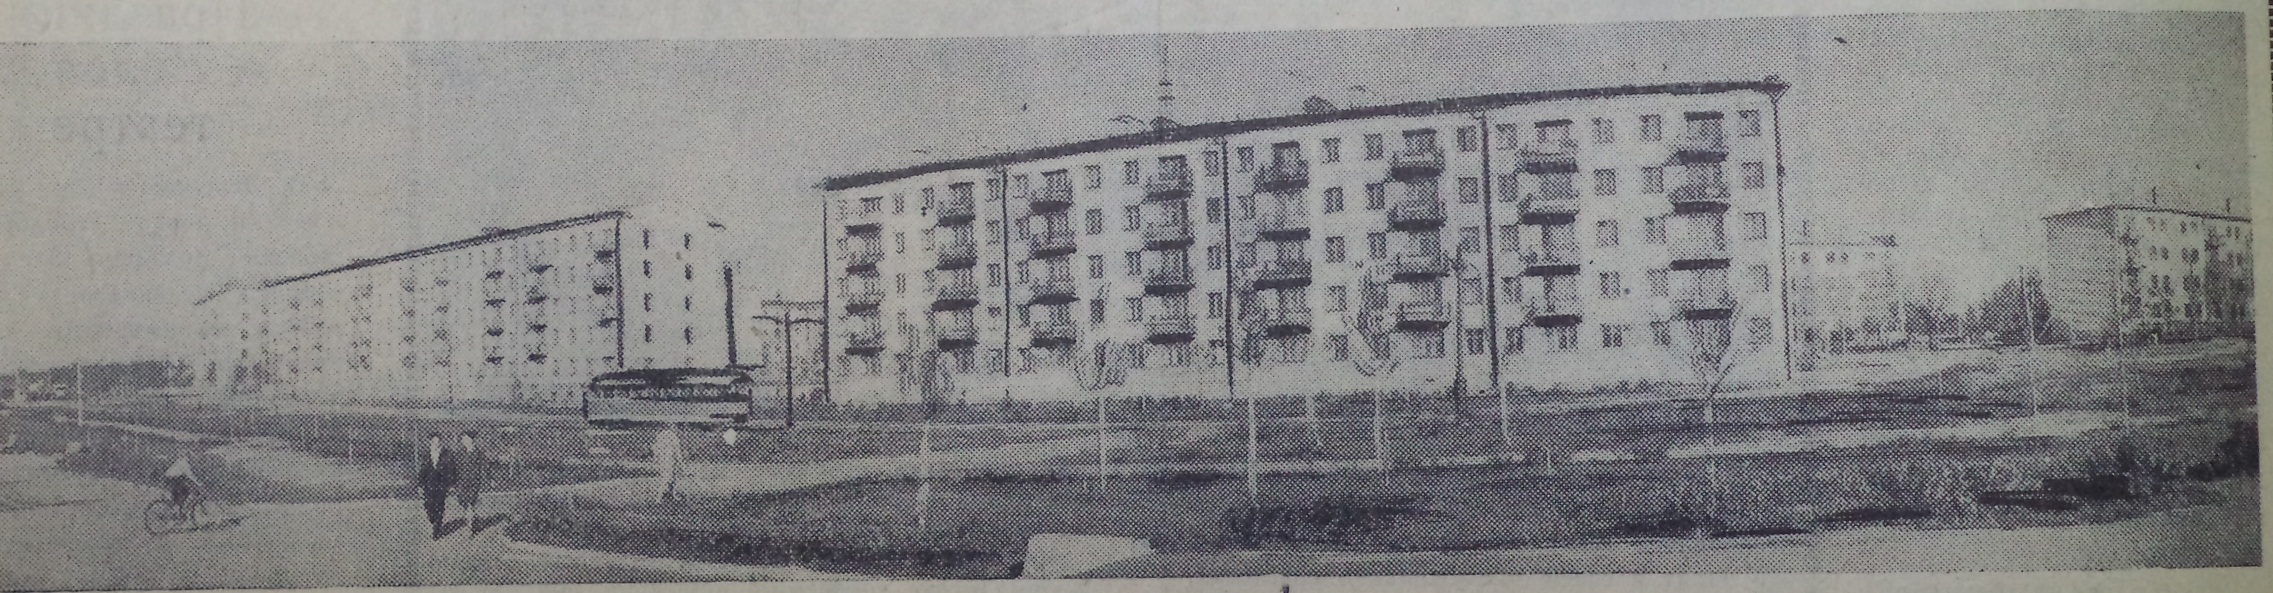 Ново-Садовая-ФОТО-59-Вперёд-1966-23 июля-2